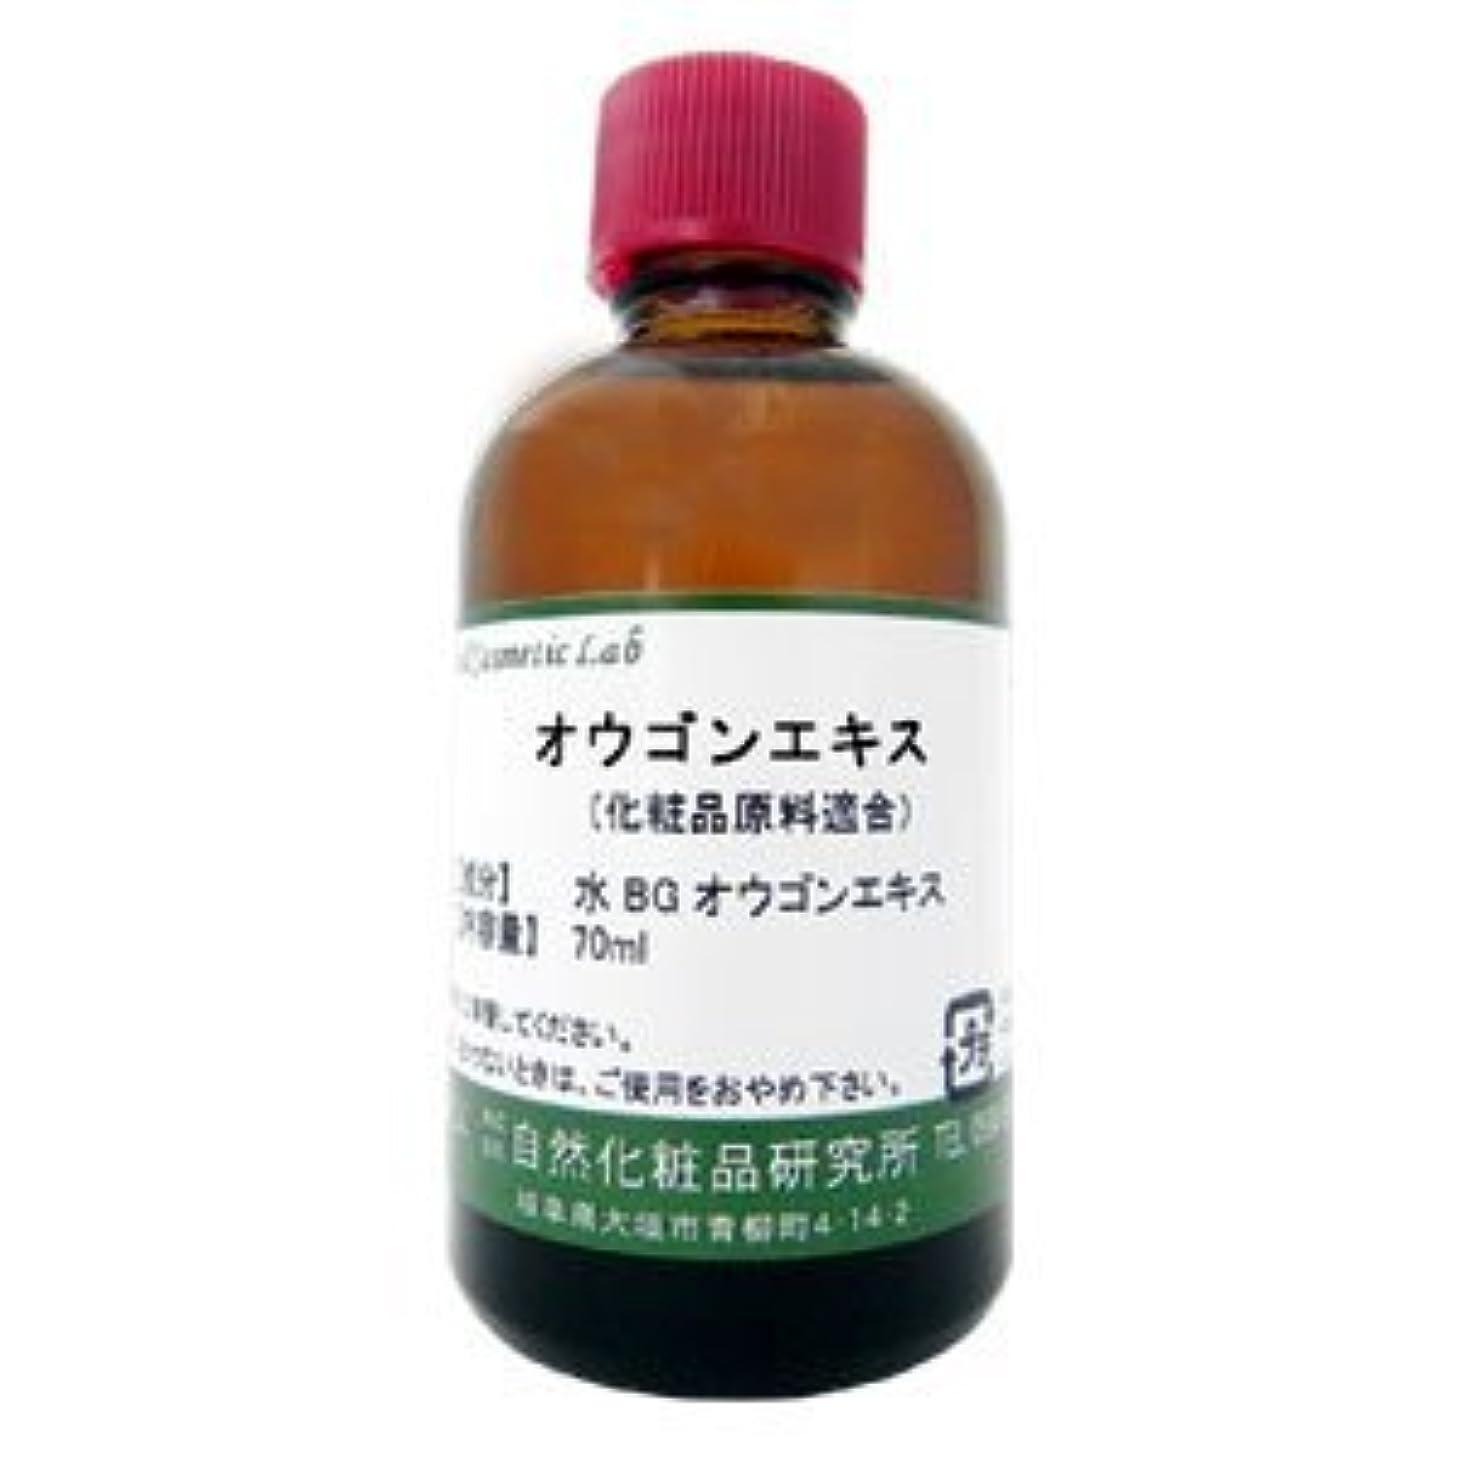 注意ゴミ不規則なオウゴンエキス 70ml 【手作り化粧品原料】